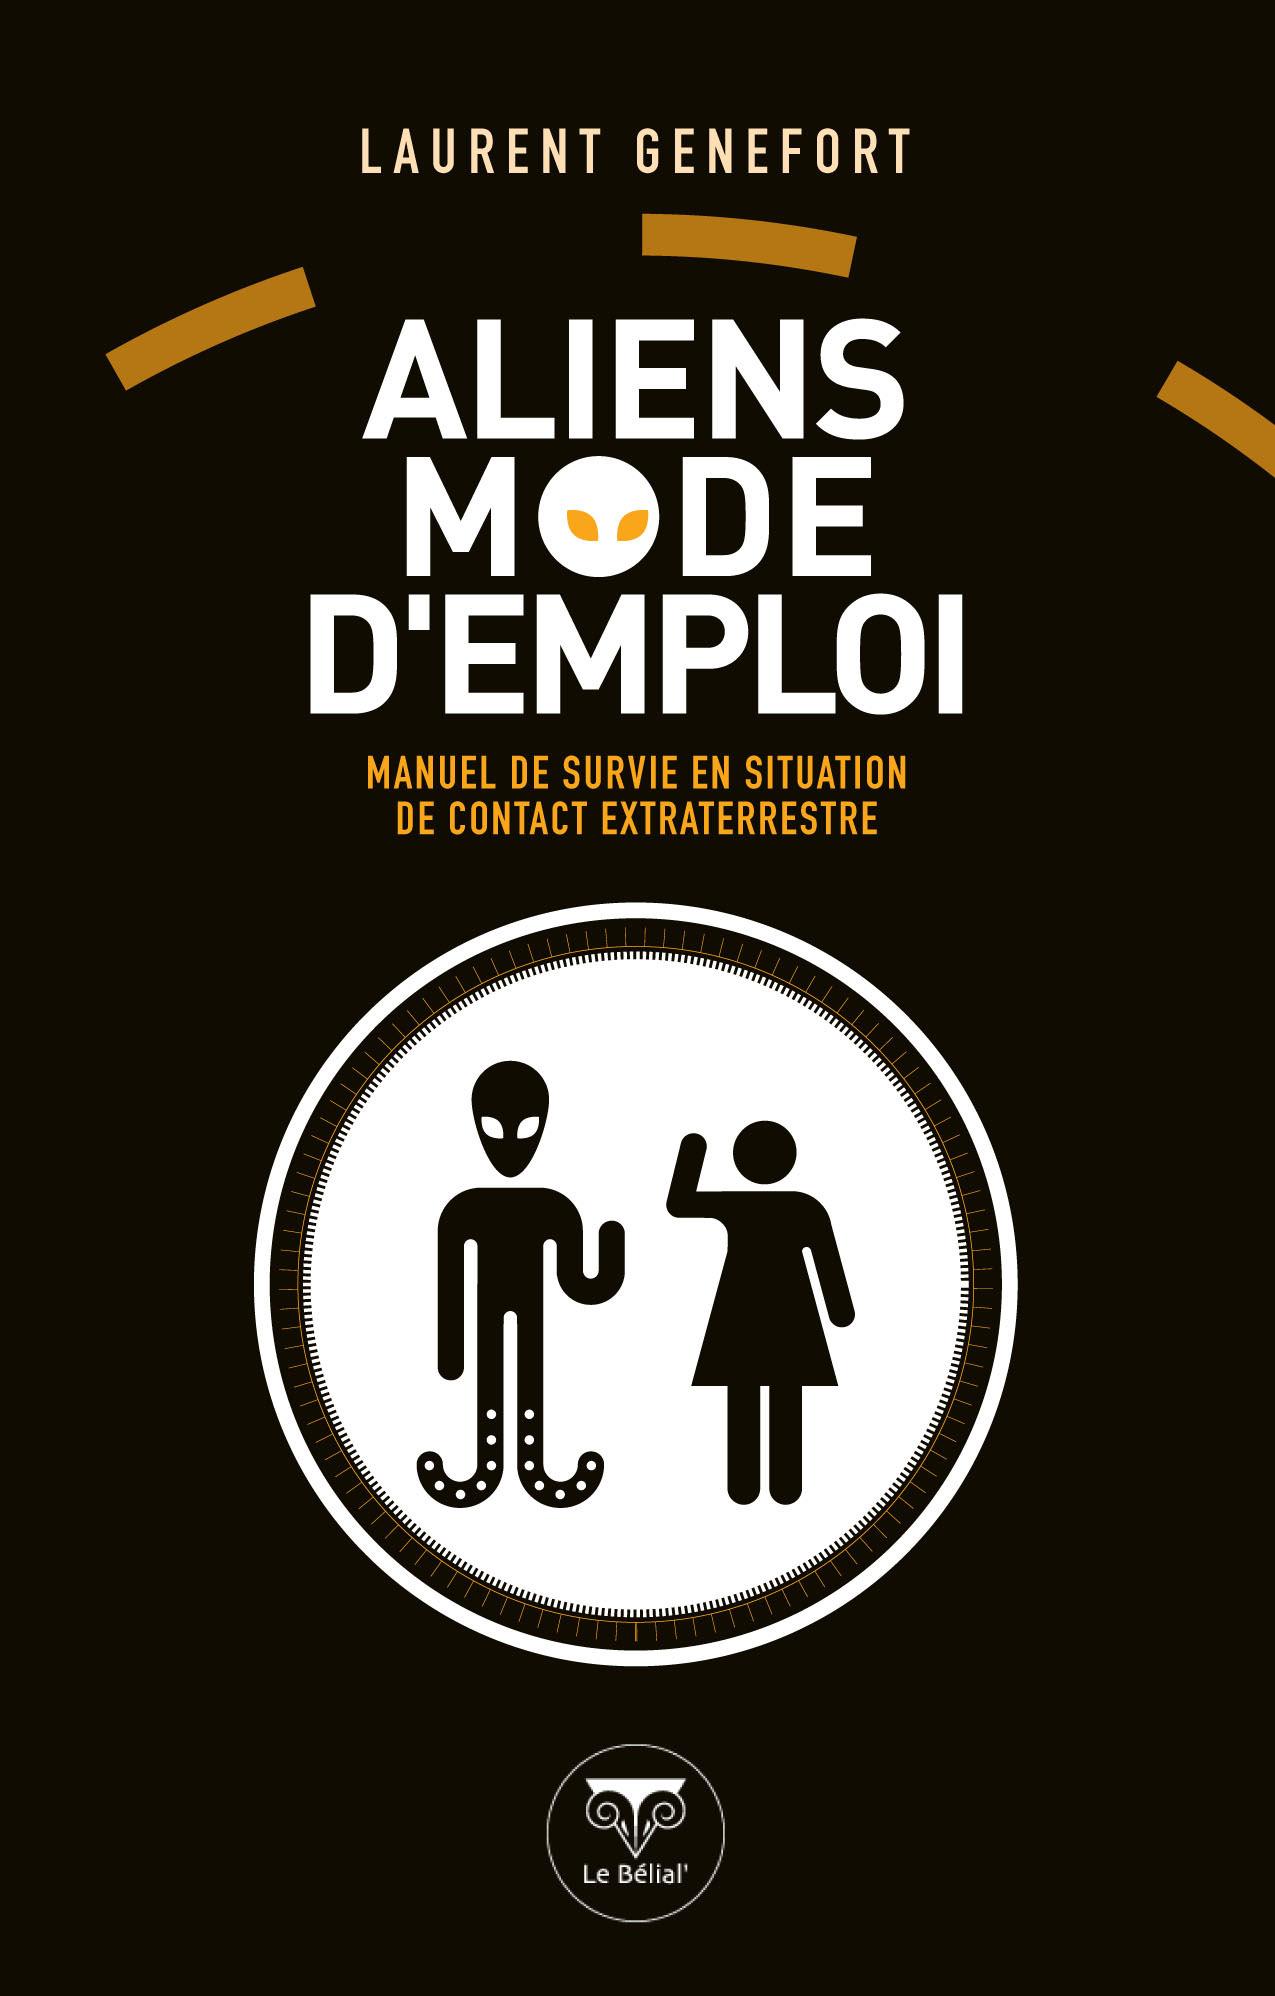 http://media.biblys.fr/book/17/33317.jpg